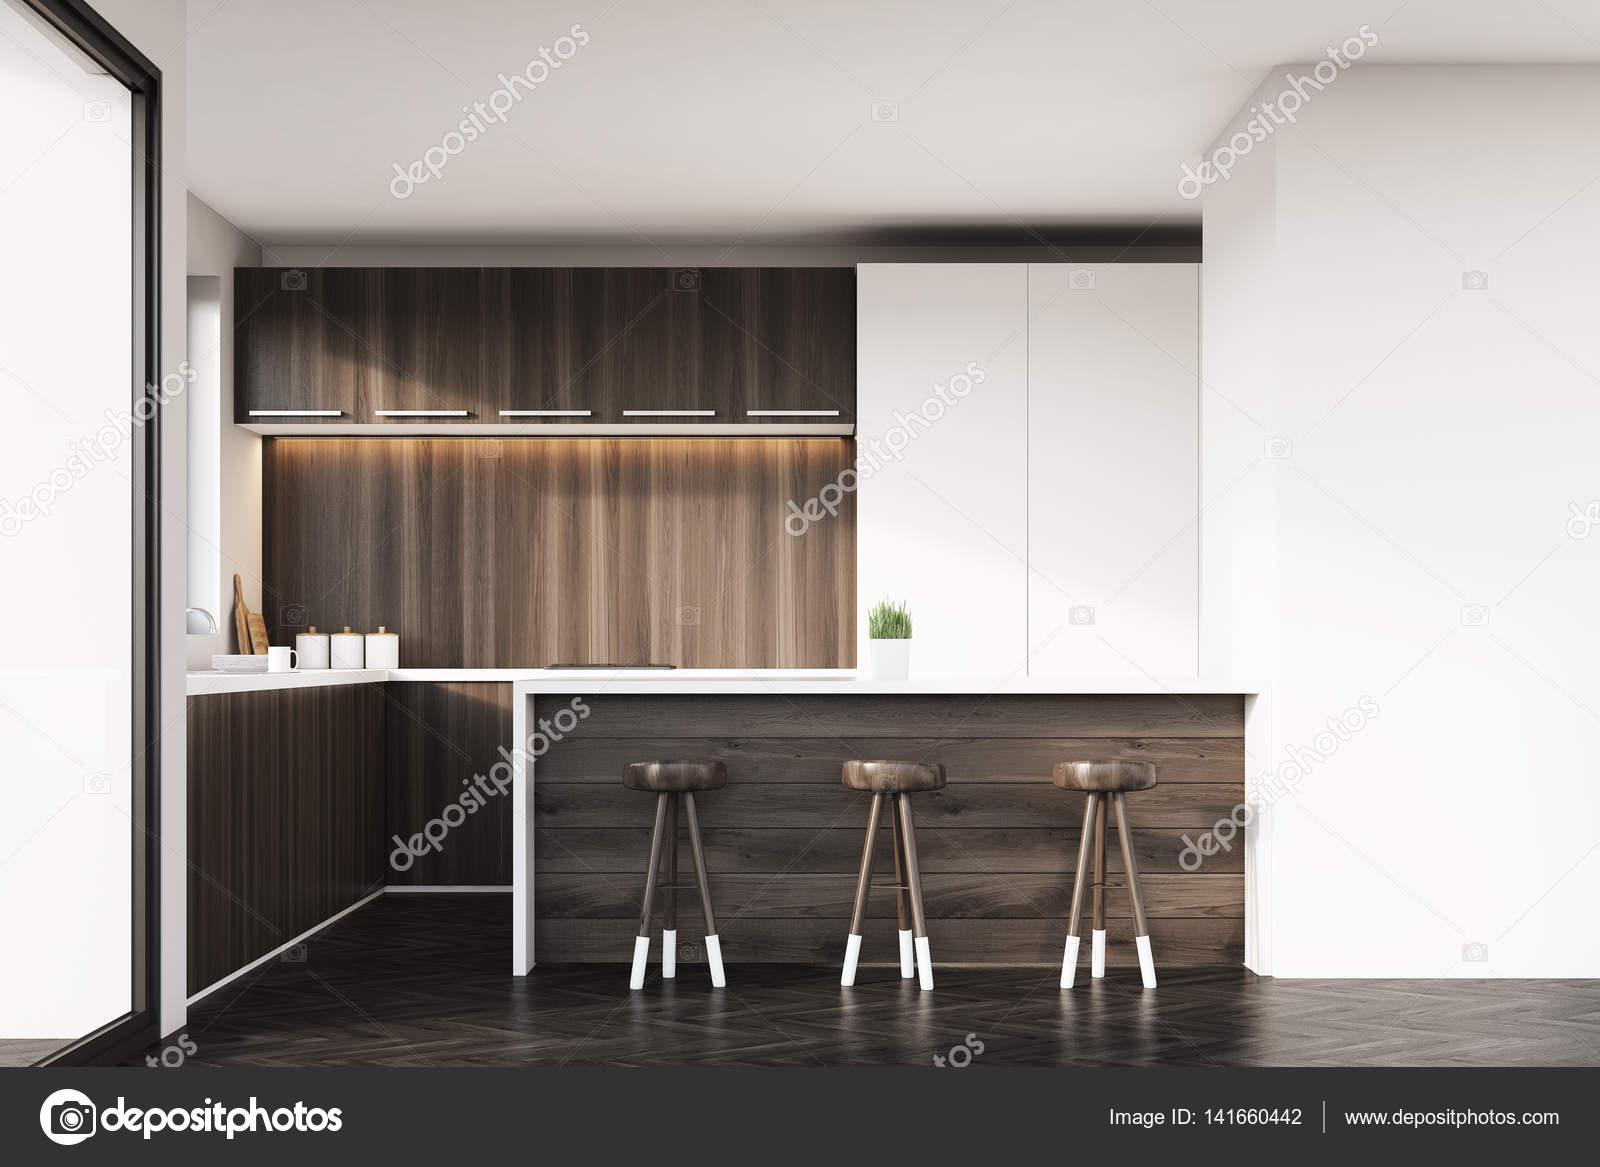 Cucina con bar e sgabelli u2014 foto stock © denisismagilov #141660442